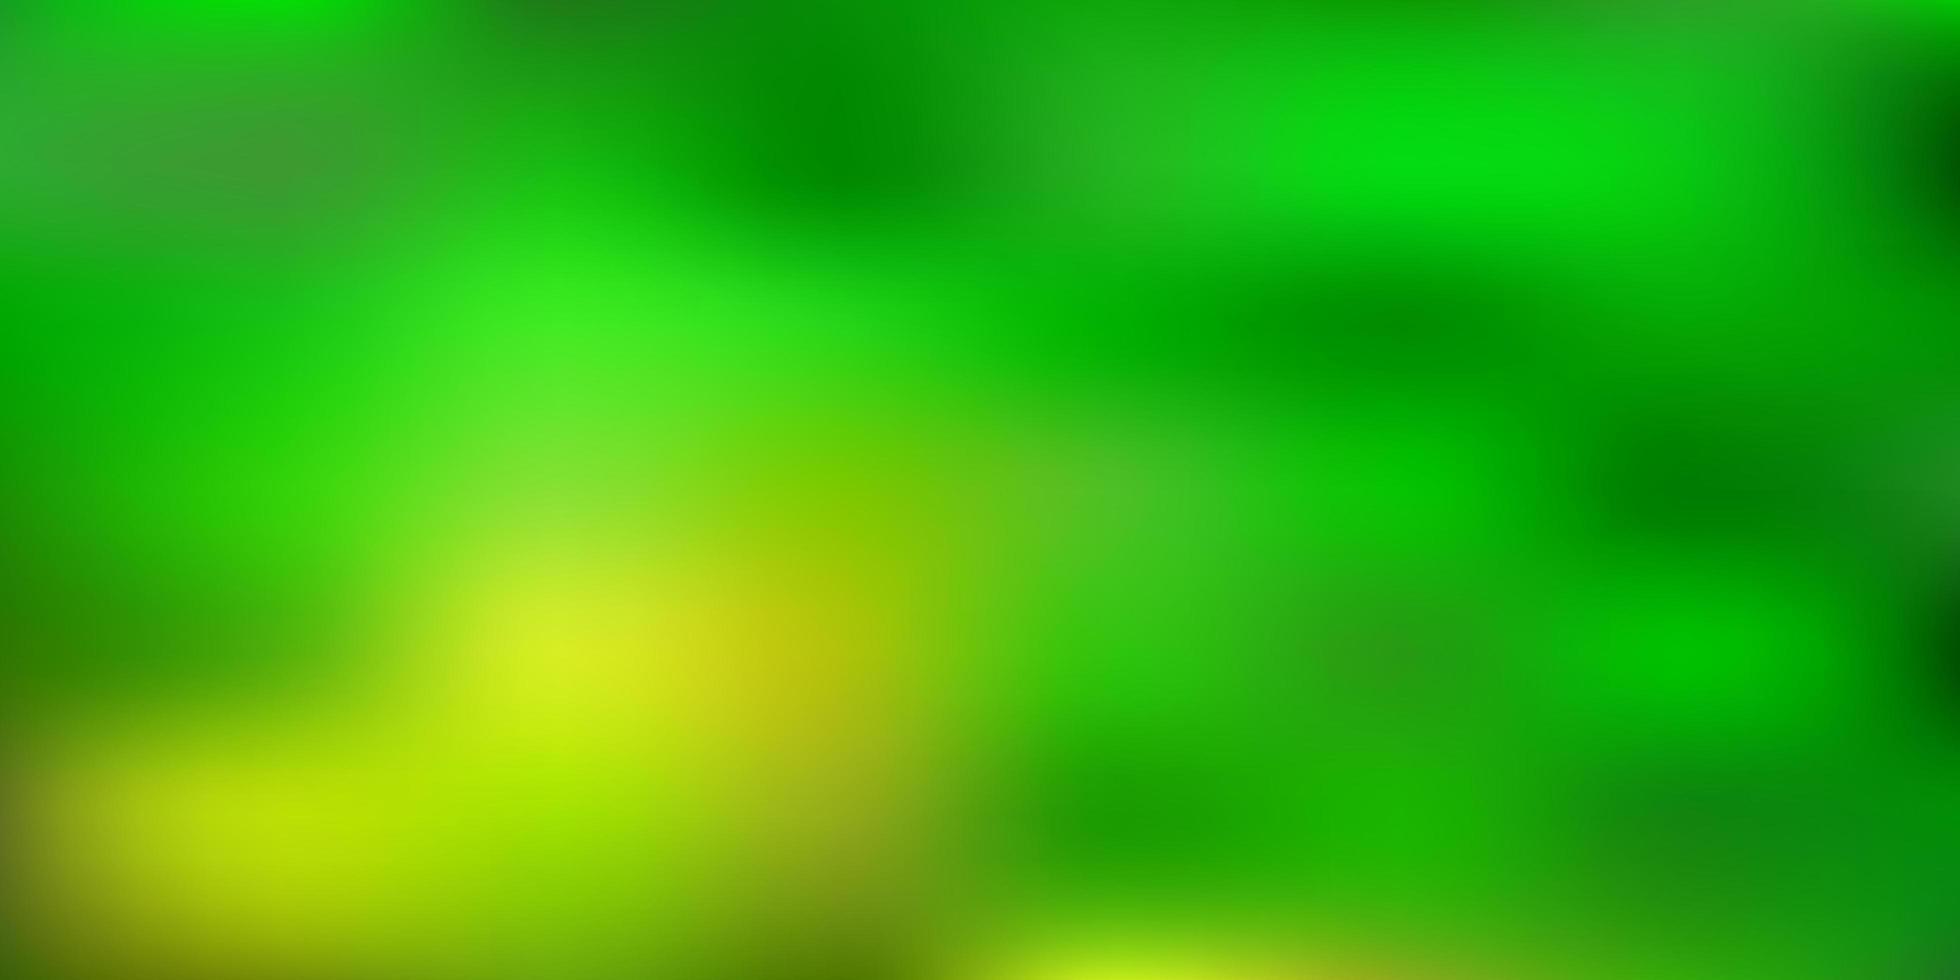 luz verde, amarelo vetor abstrato desfocar desenho.